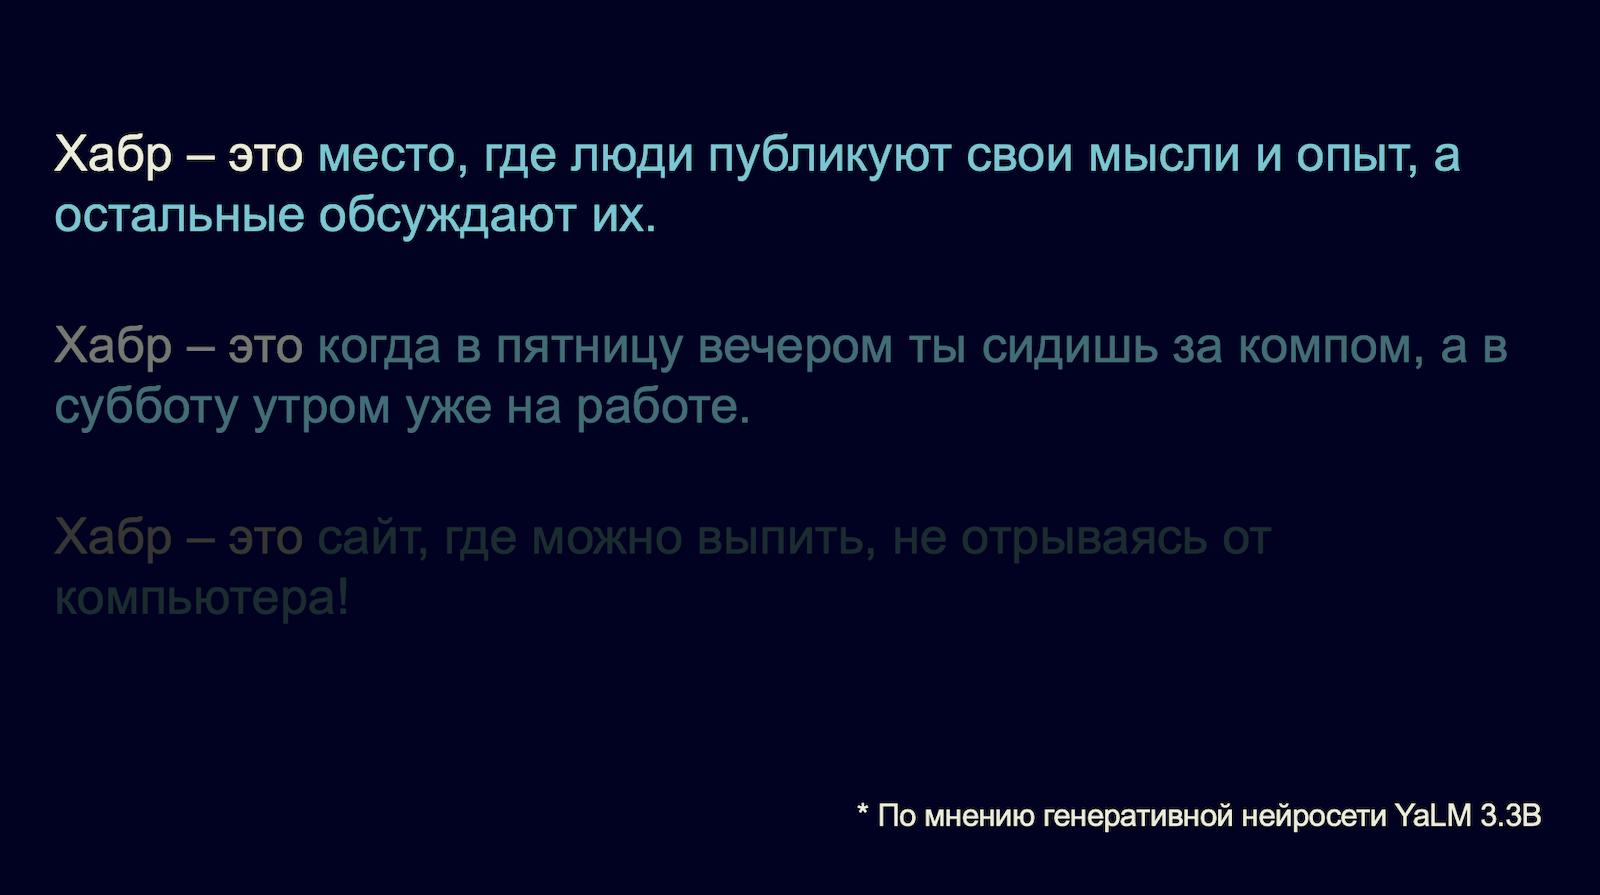 Как Яндекс применил генеративные нейросети для поиска ответов - 1